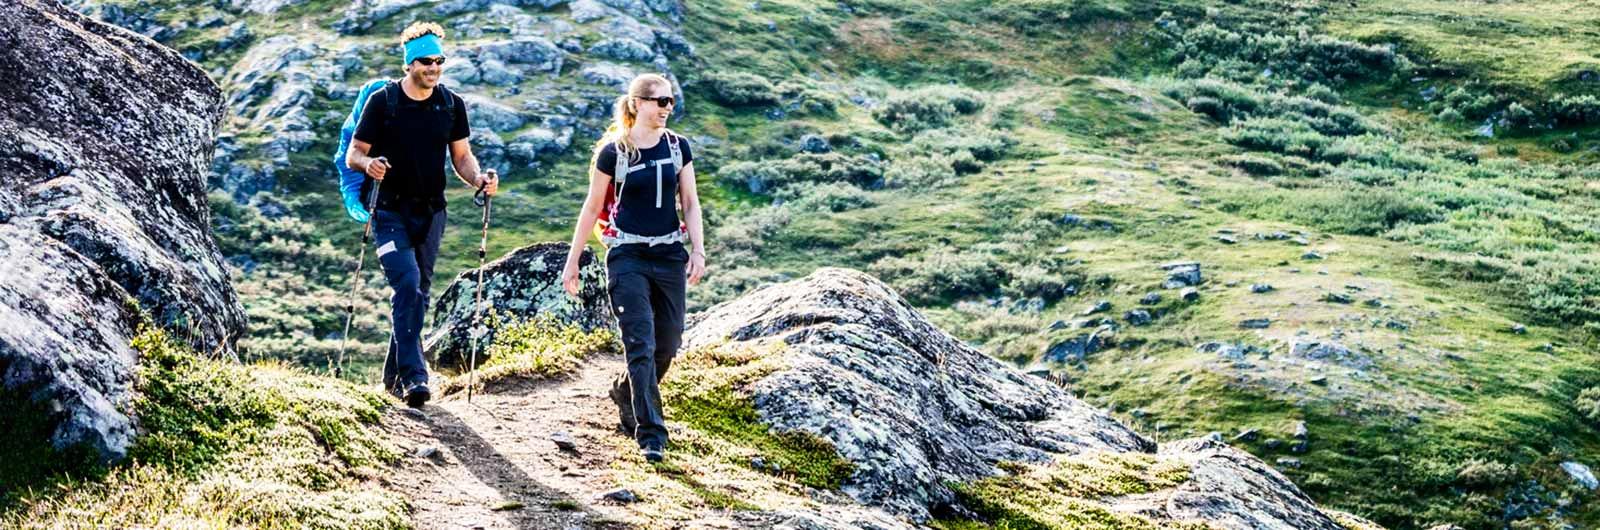 Glada vandrare i kargt landskap